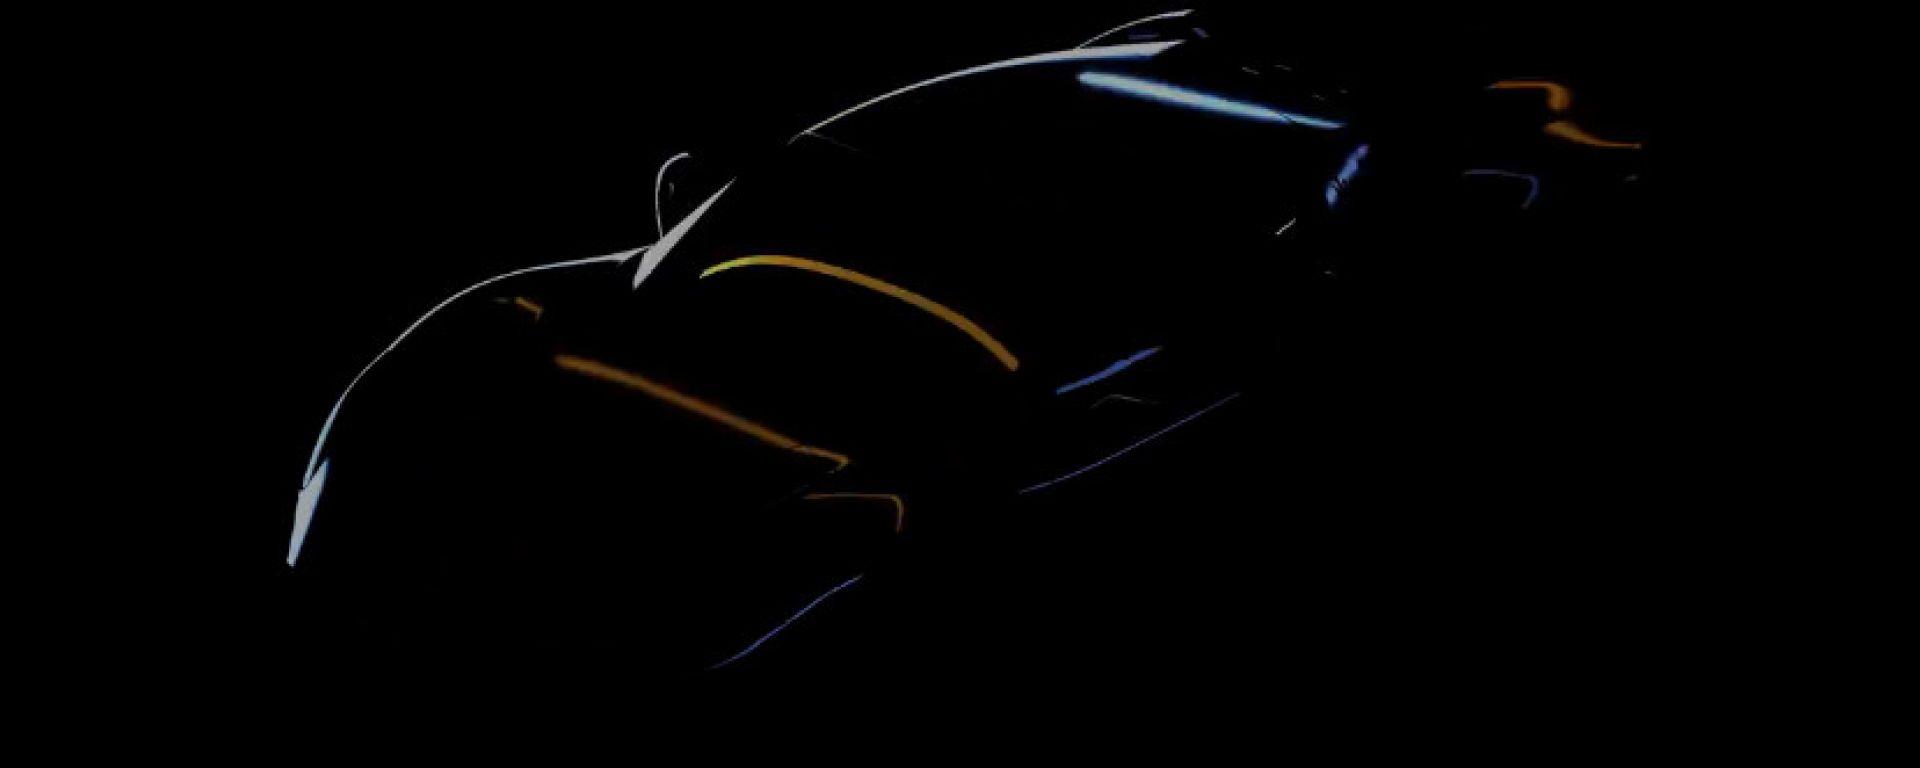 Maserati MC20: l'ultimo video teaser accende gli animi, il 9 settembre sarà la volta della presentazione